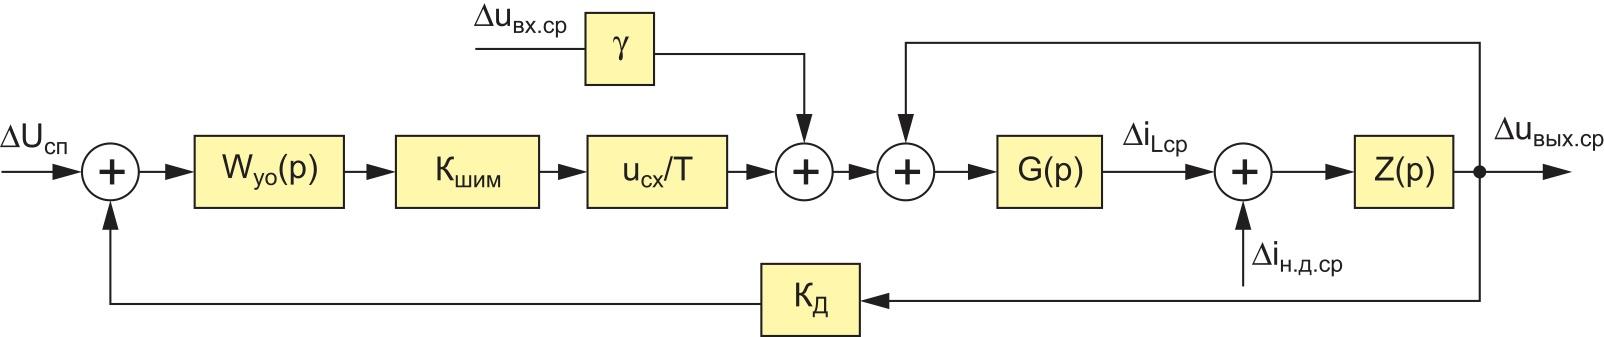 Усредненная линеаризованная структурная модель понижающего ППН в РНТ с одноконтурной системой управления: Wуо(p) — передаточная функция усилителя ошибки; КШИМ — коэффициент передачи широтно-импульсного модулятора; Кд — коэффициент передачи делителя напряжения